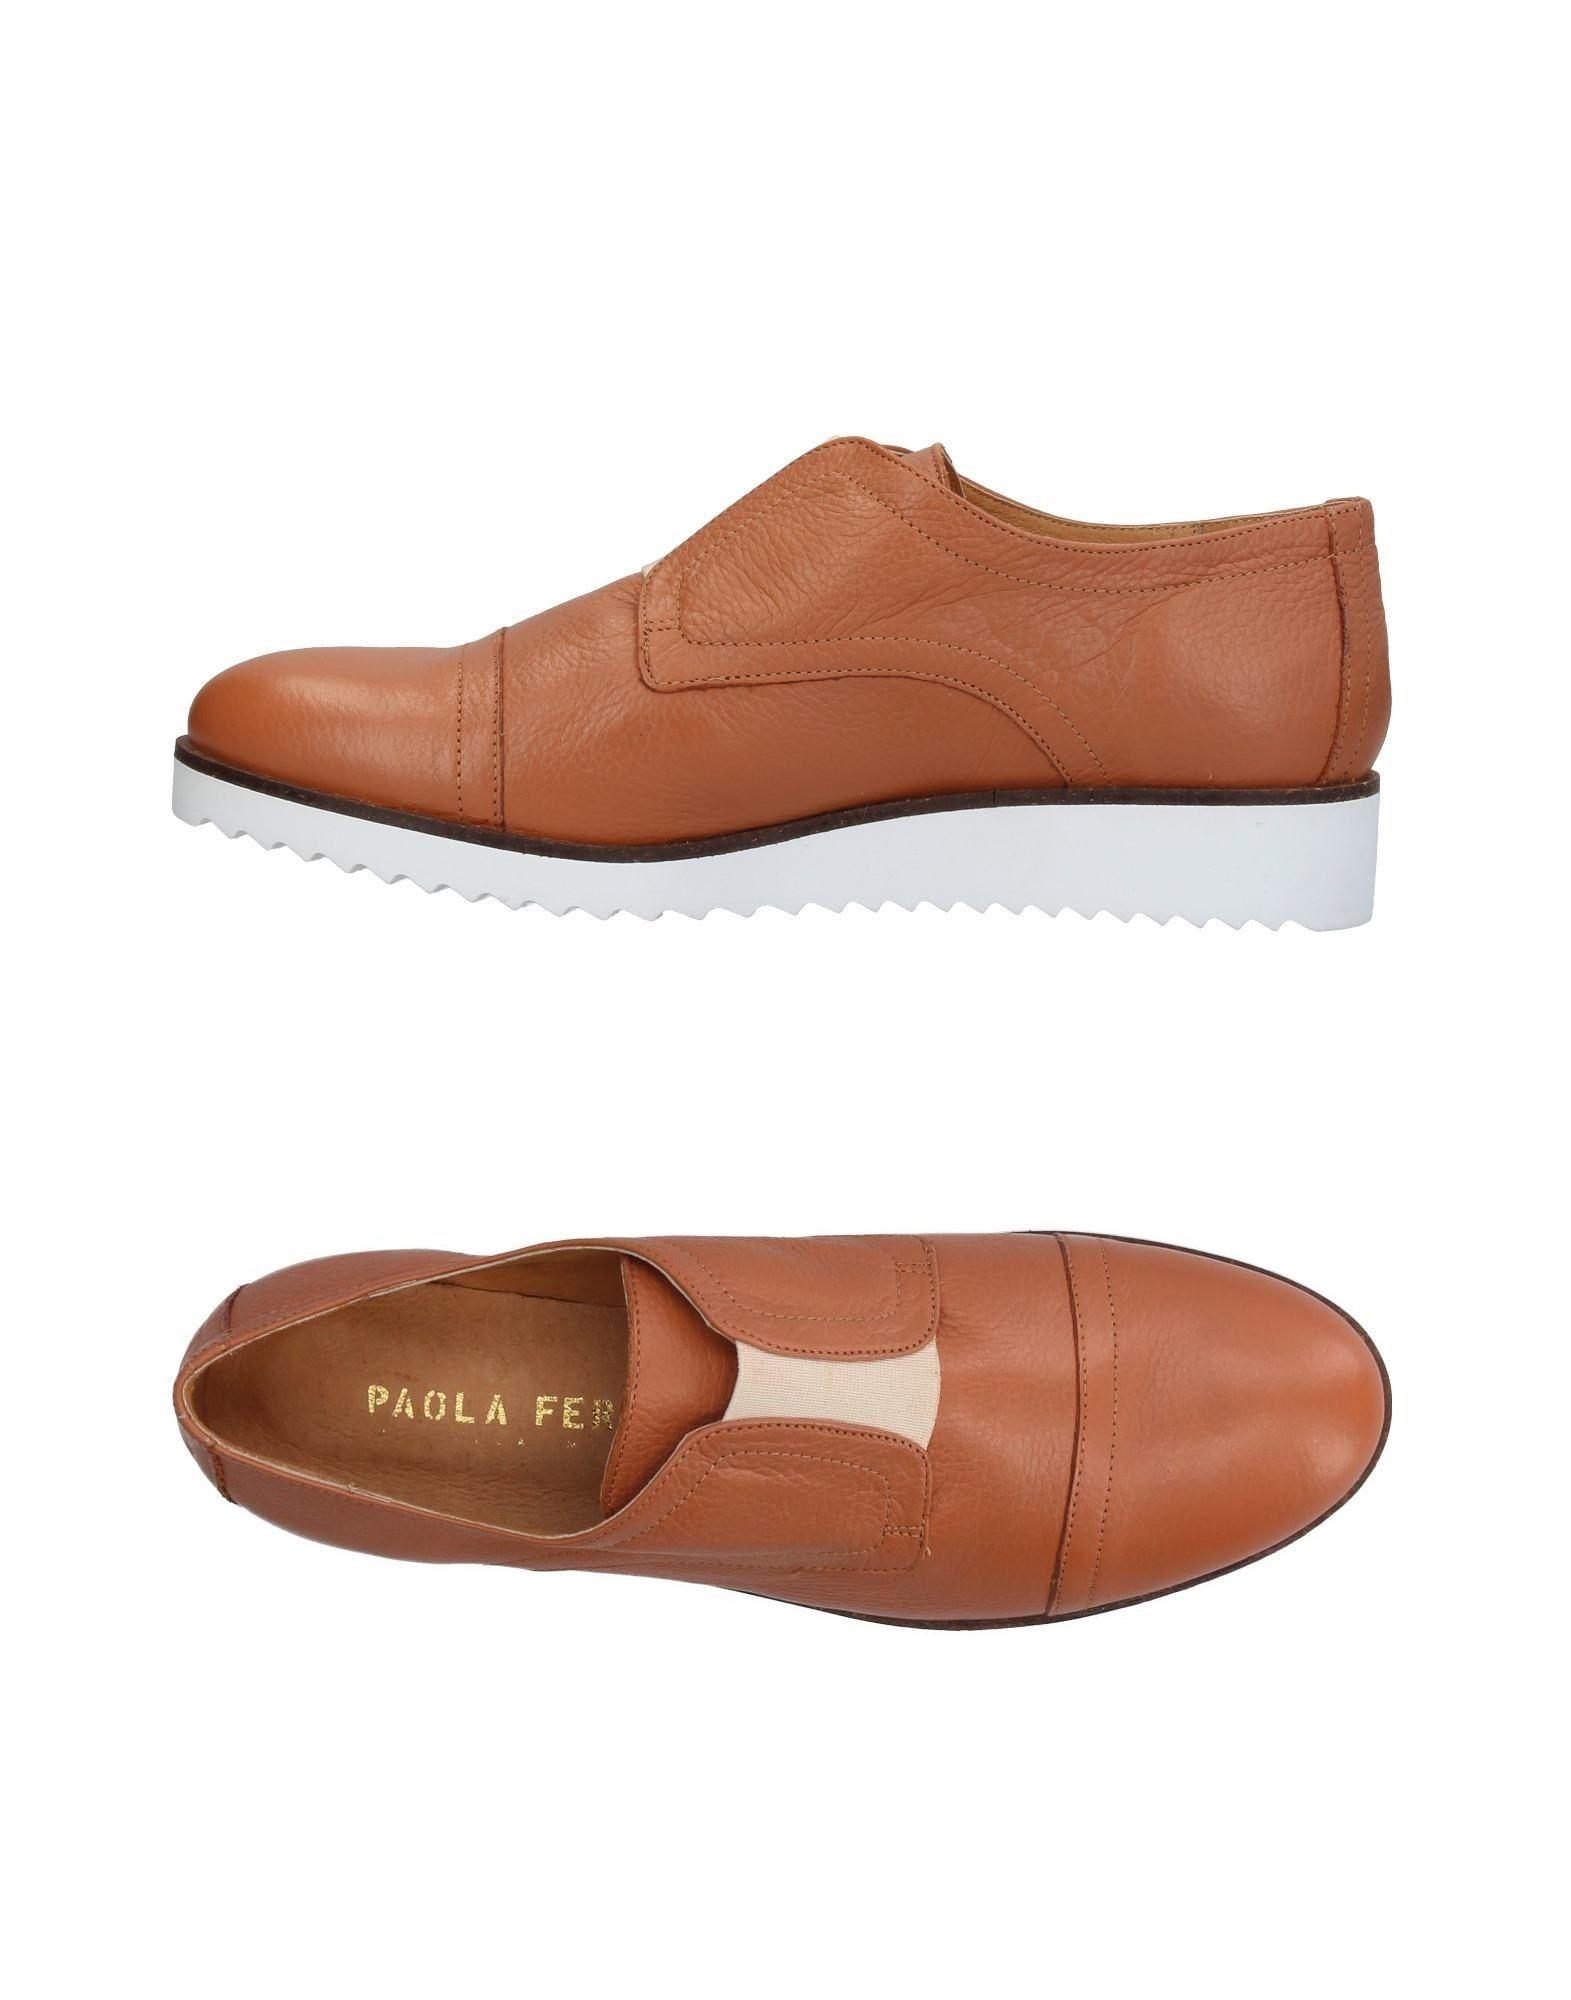 Paola Ferri Mokassins Damen  11375499CJ Gute Qualität beliebte Schuhe